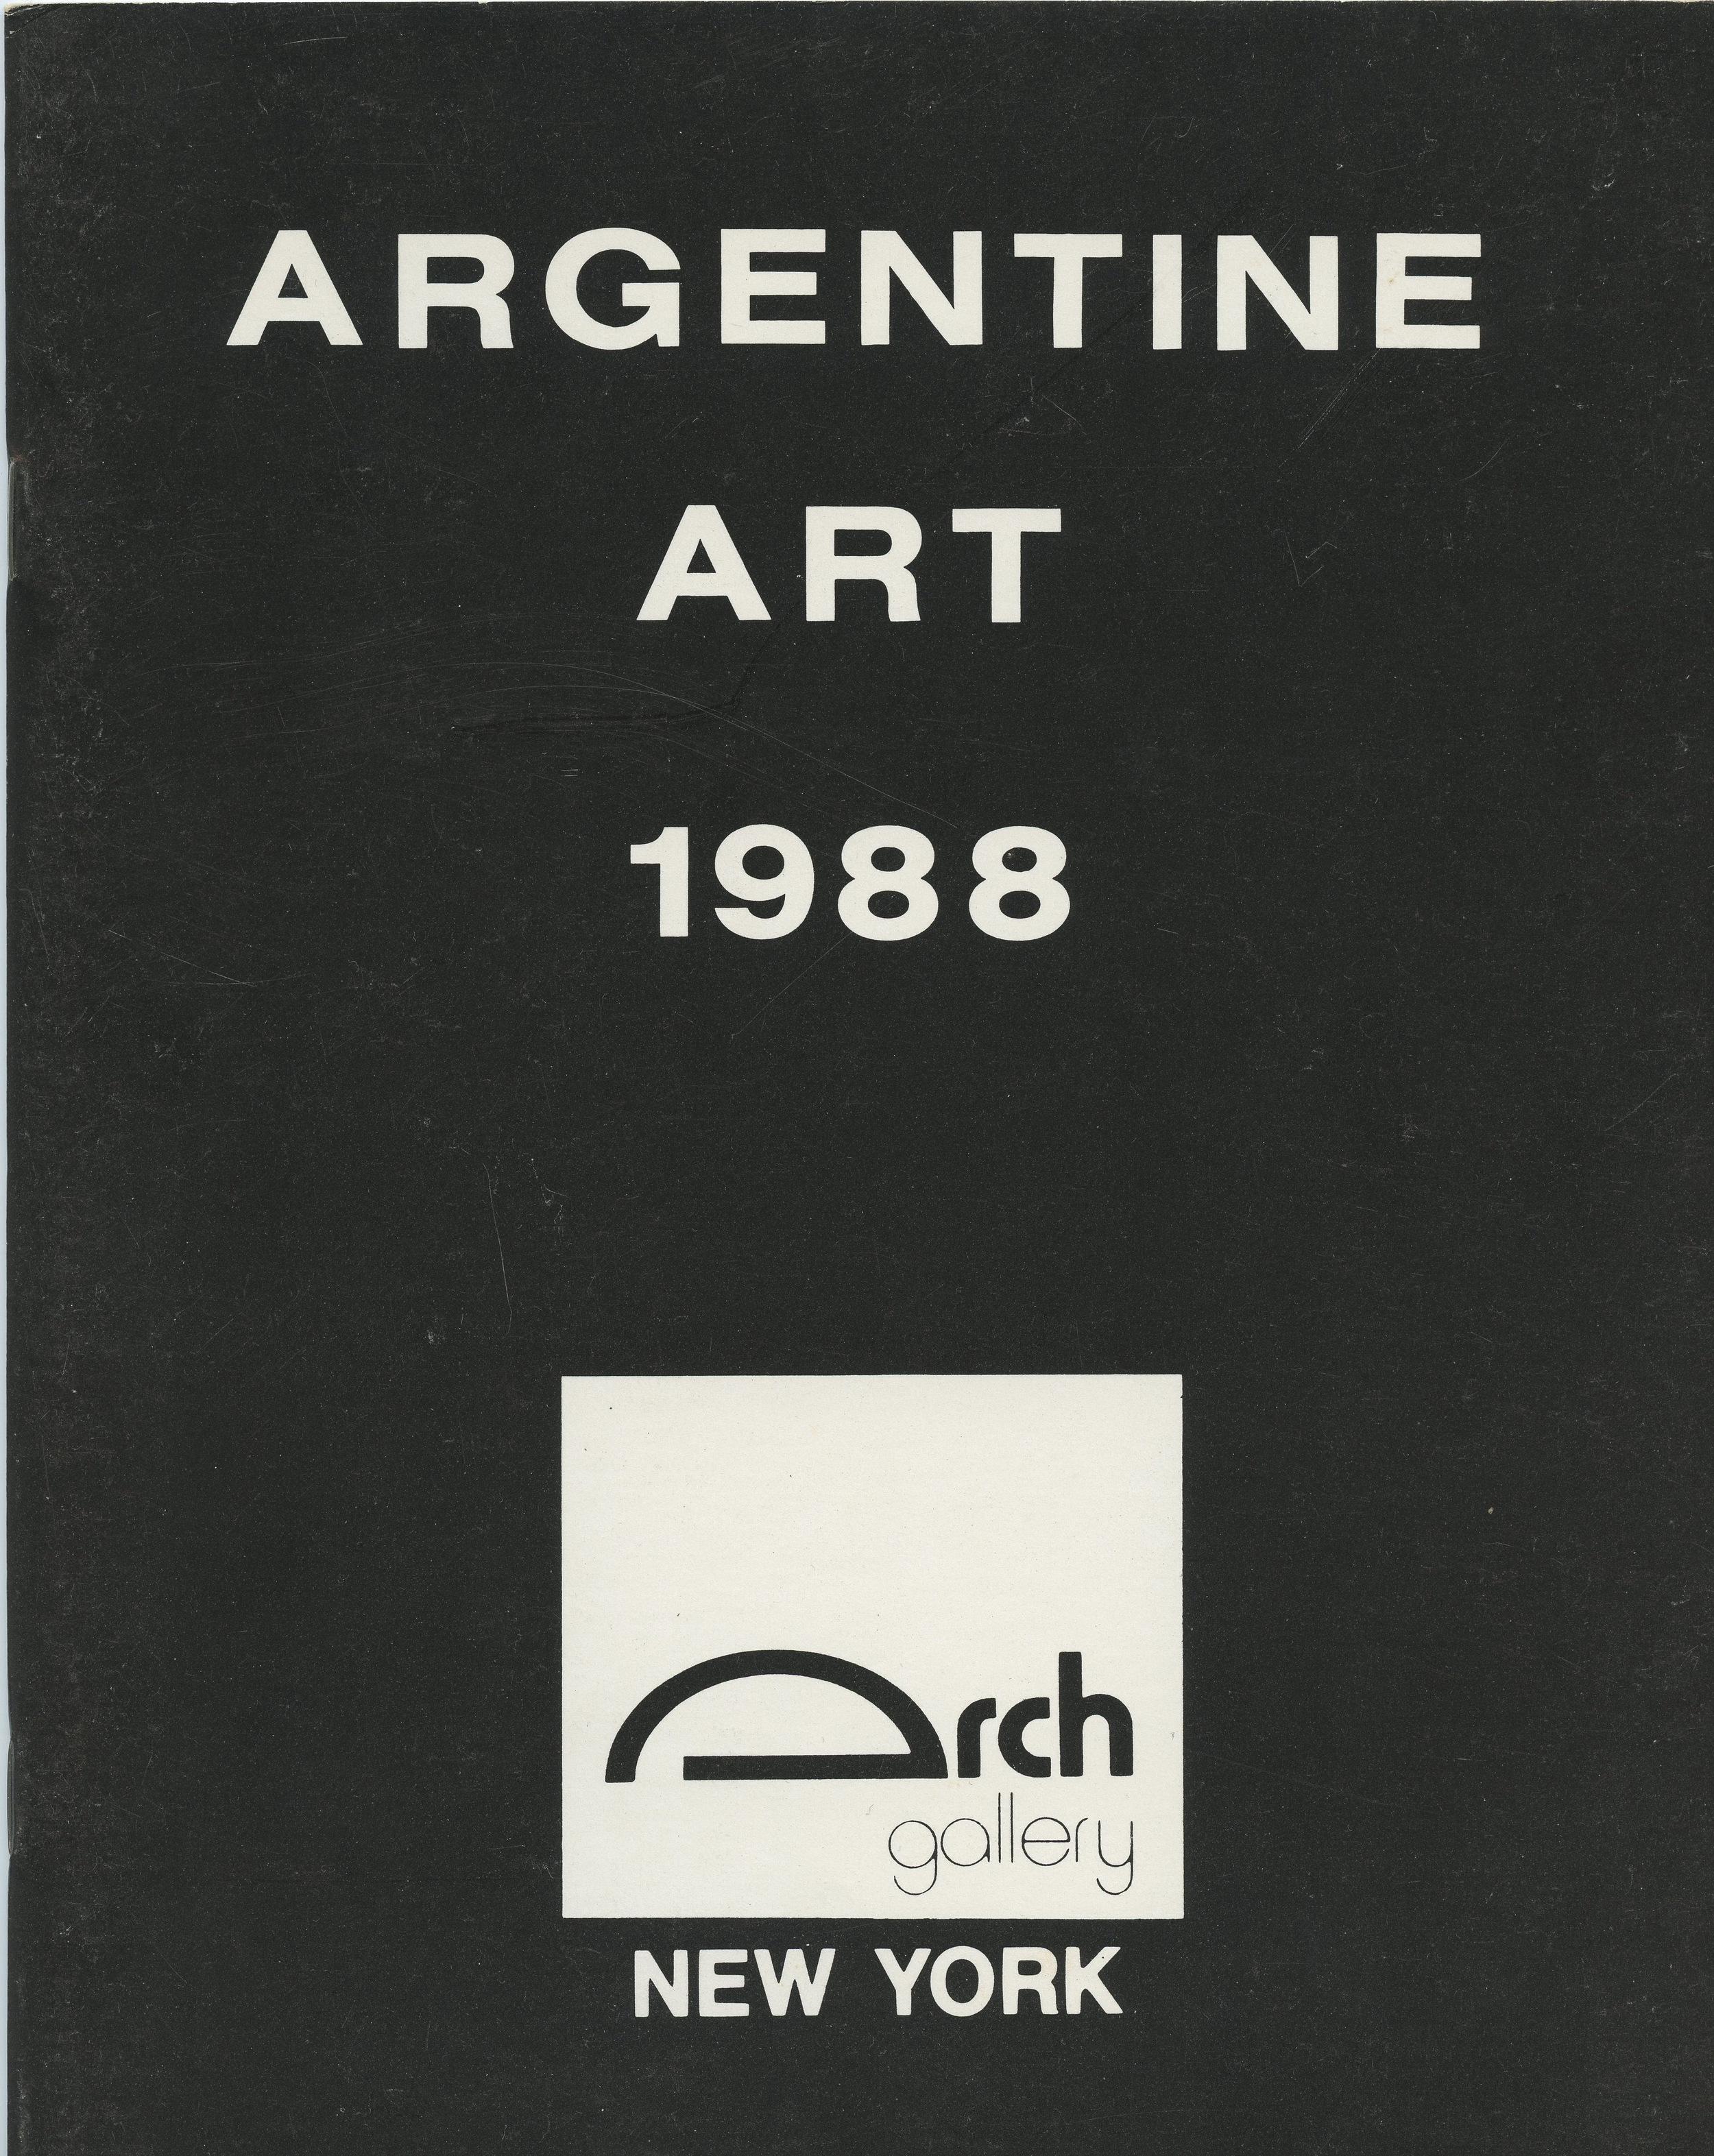 Argetine Art, Arch Gallery 1988